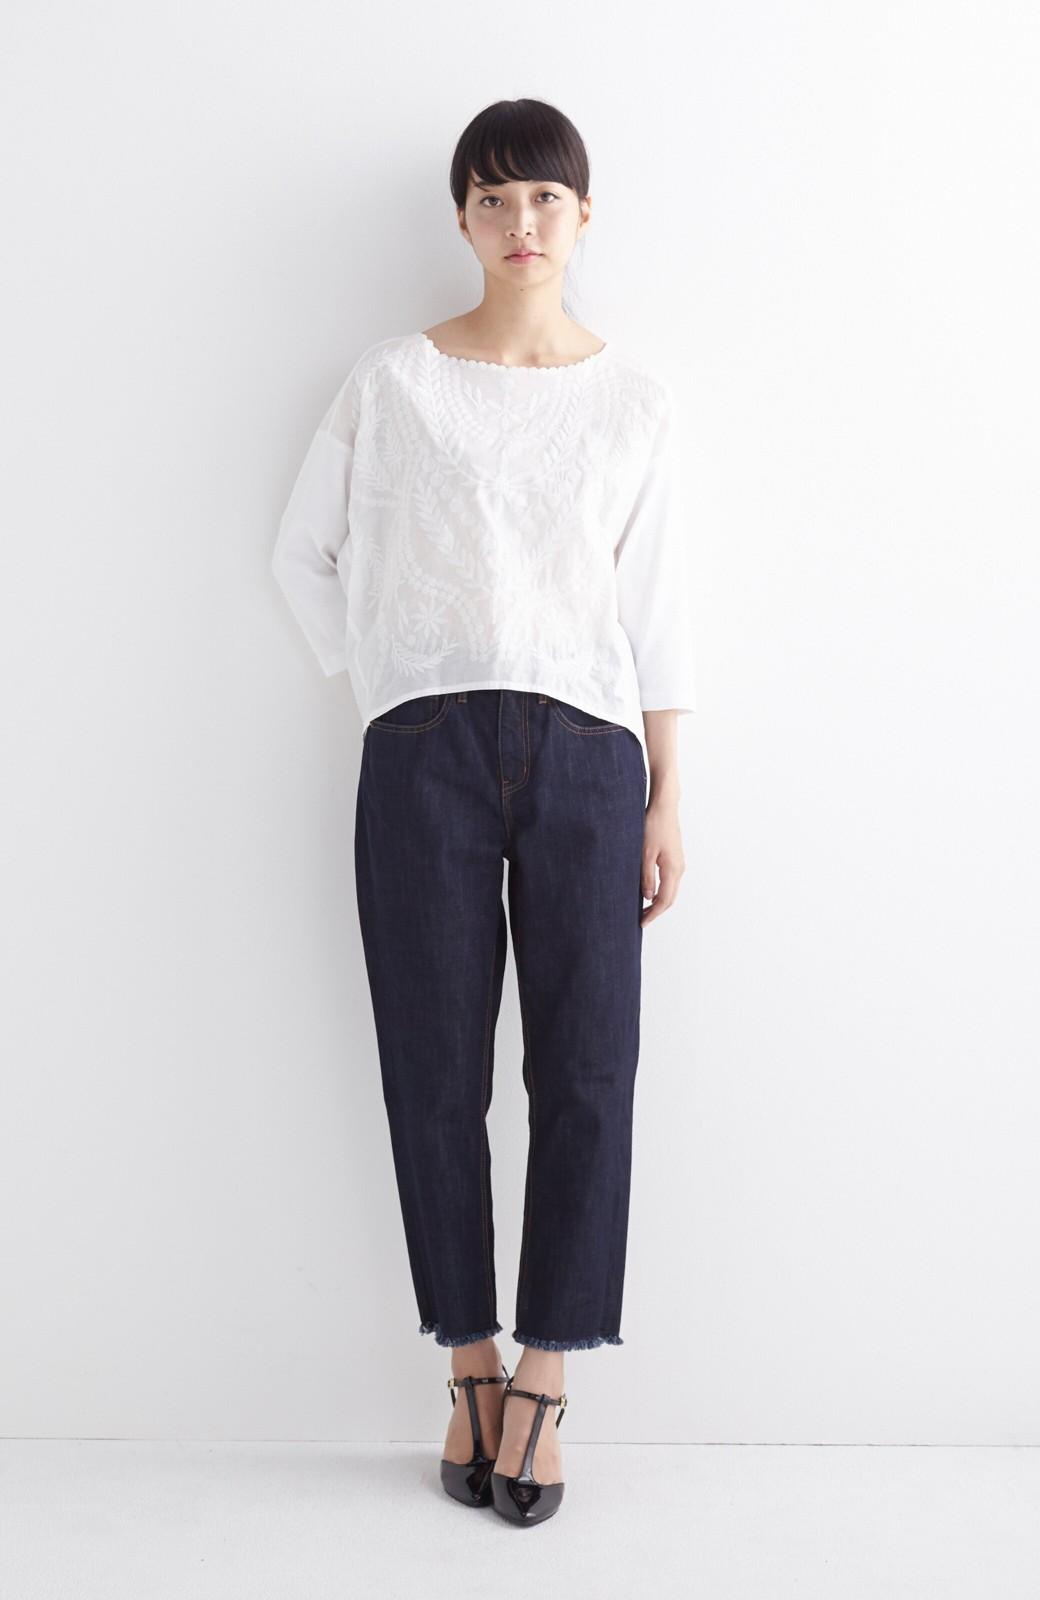 エムトロワ こう見えて動きやすい、袖だけカットソーの華やか刺しゅうブラウス <ホワイト>の商品写真5